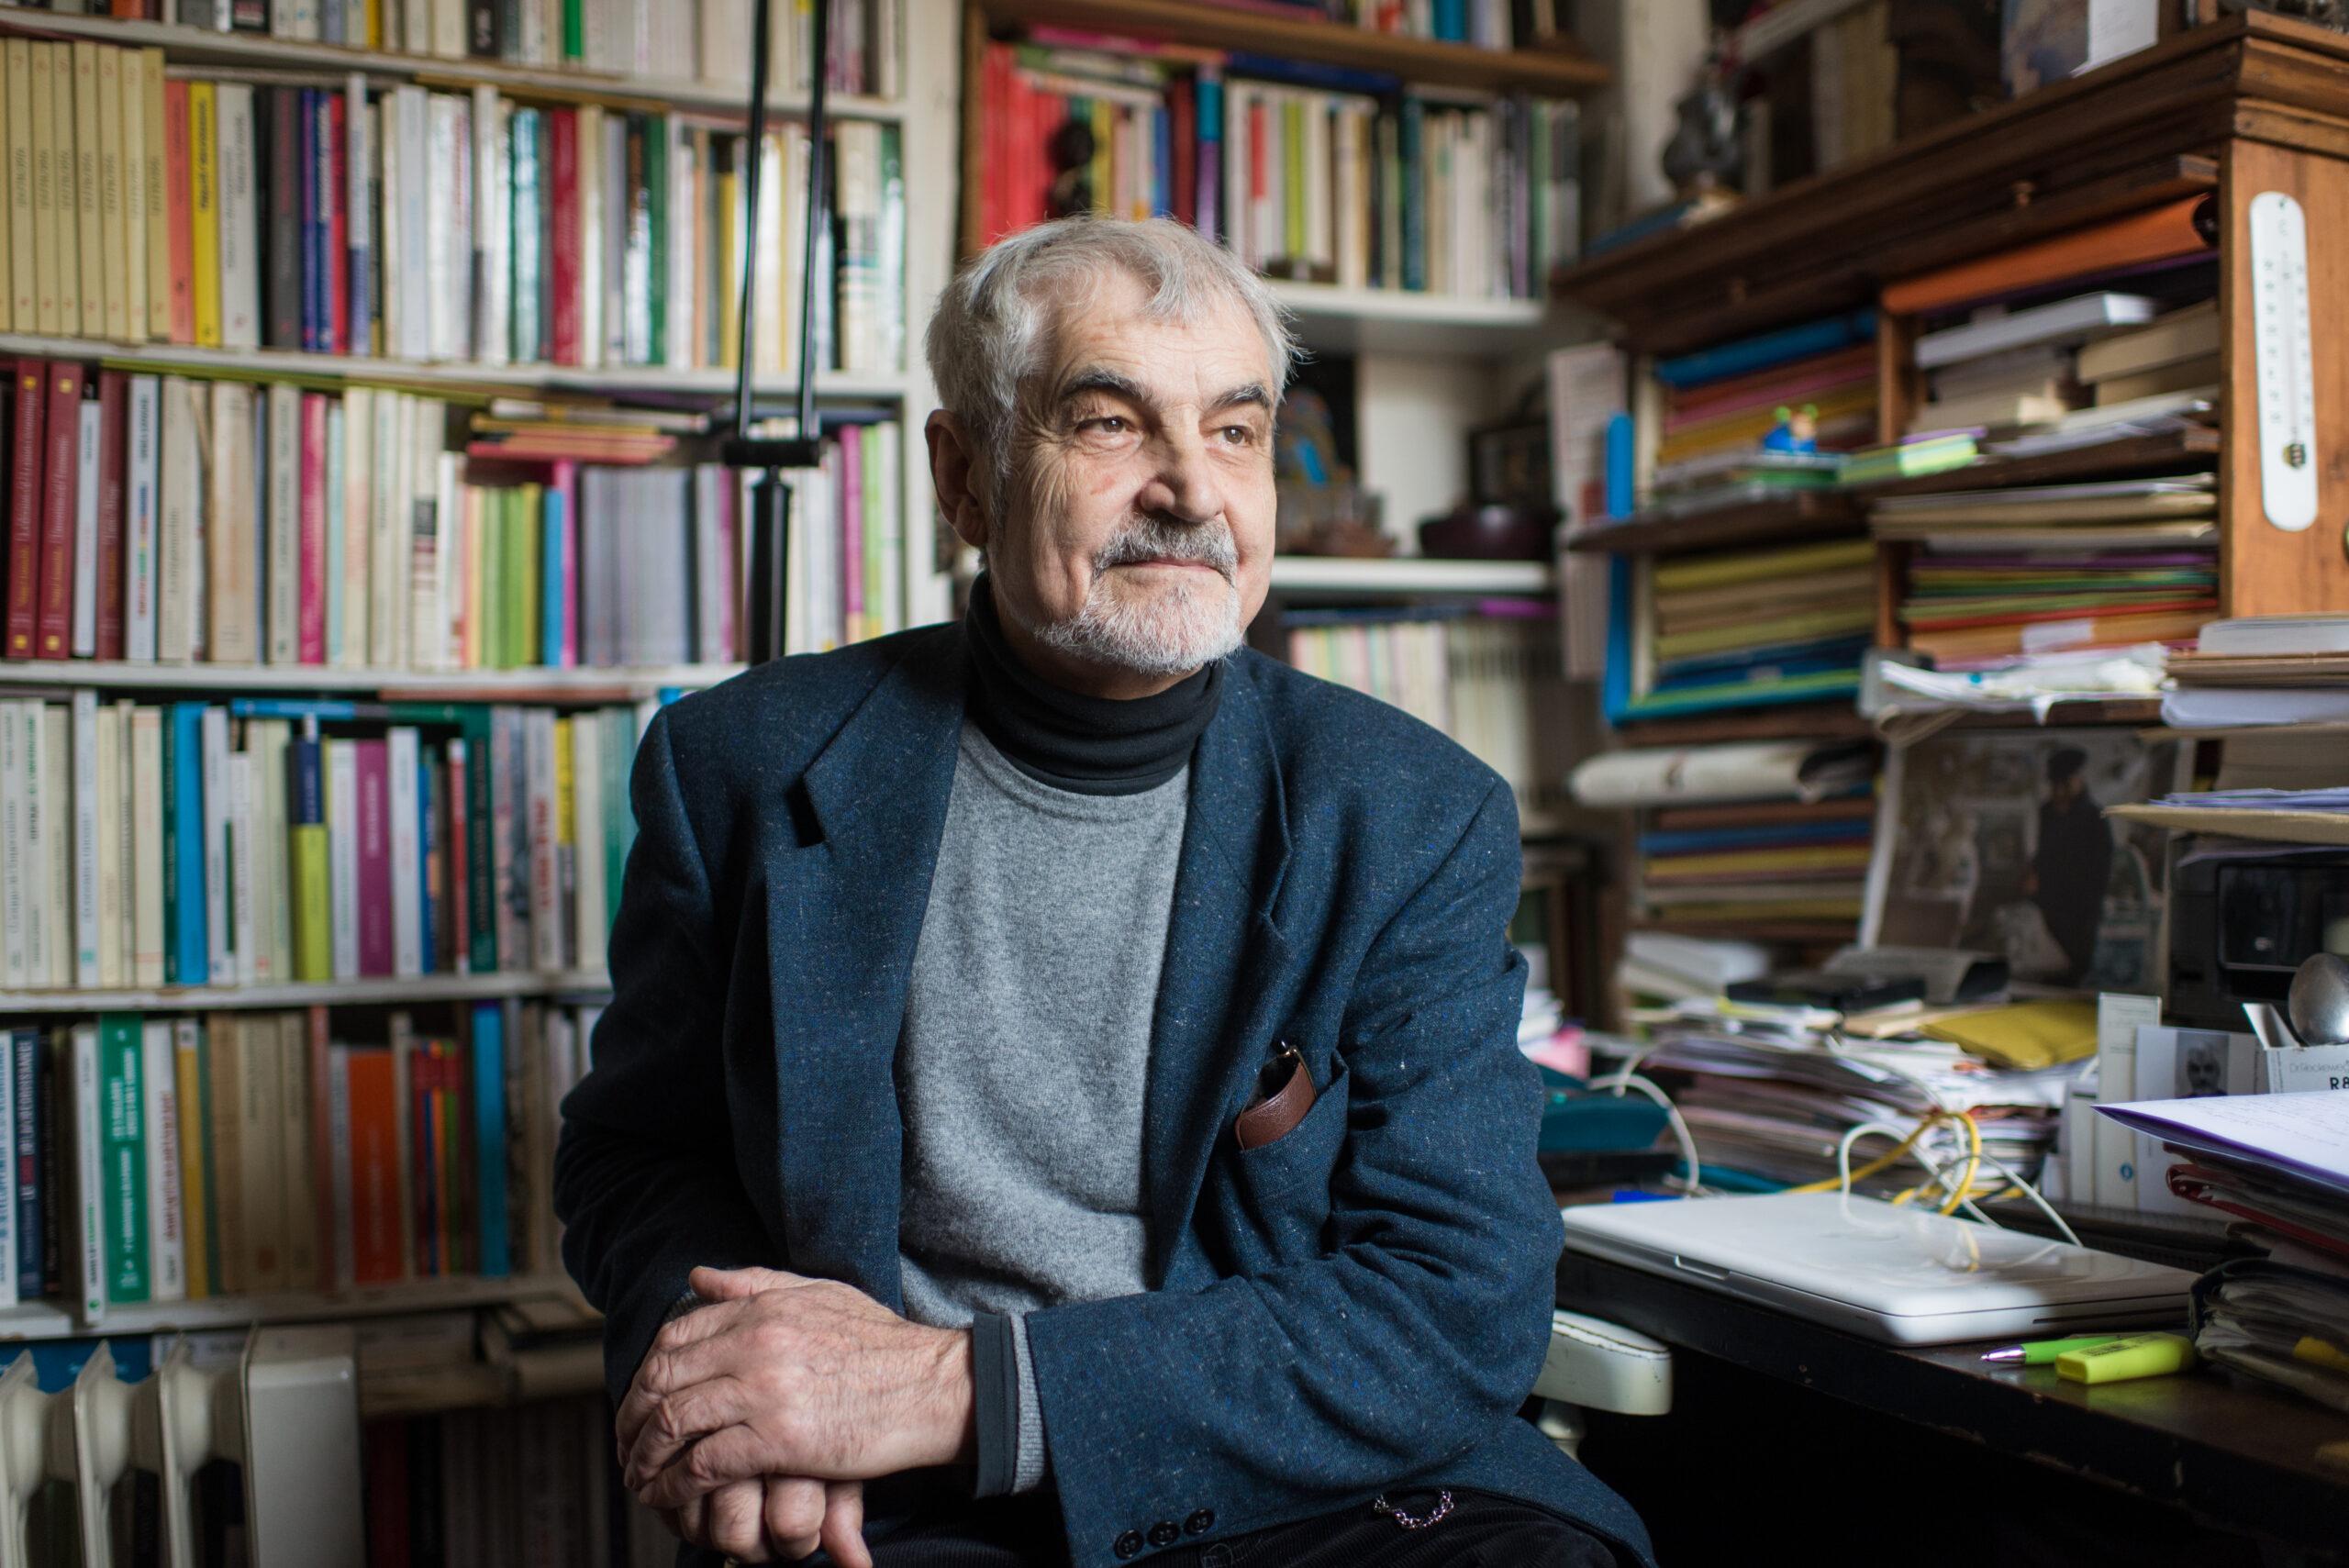 Entretien avec Serge Latouche: « il faut entrer en décroissance pour limiter la catastrophe! »